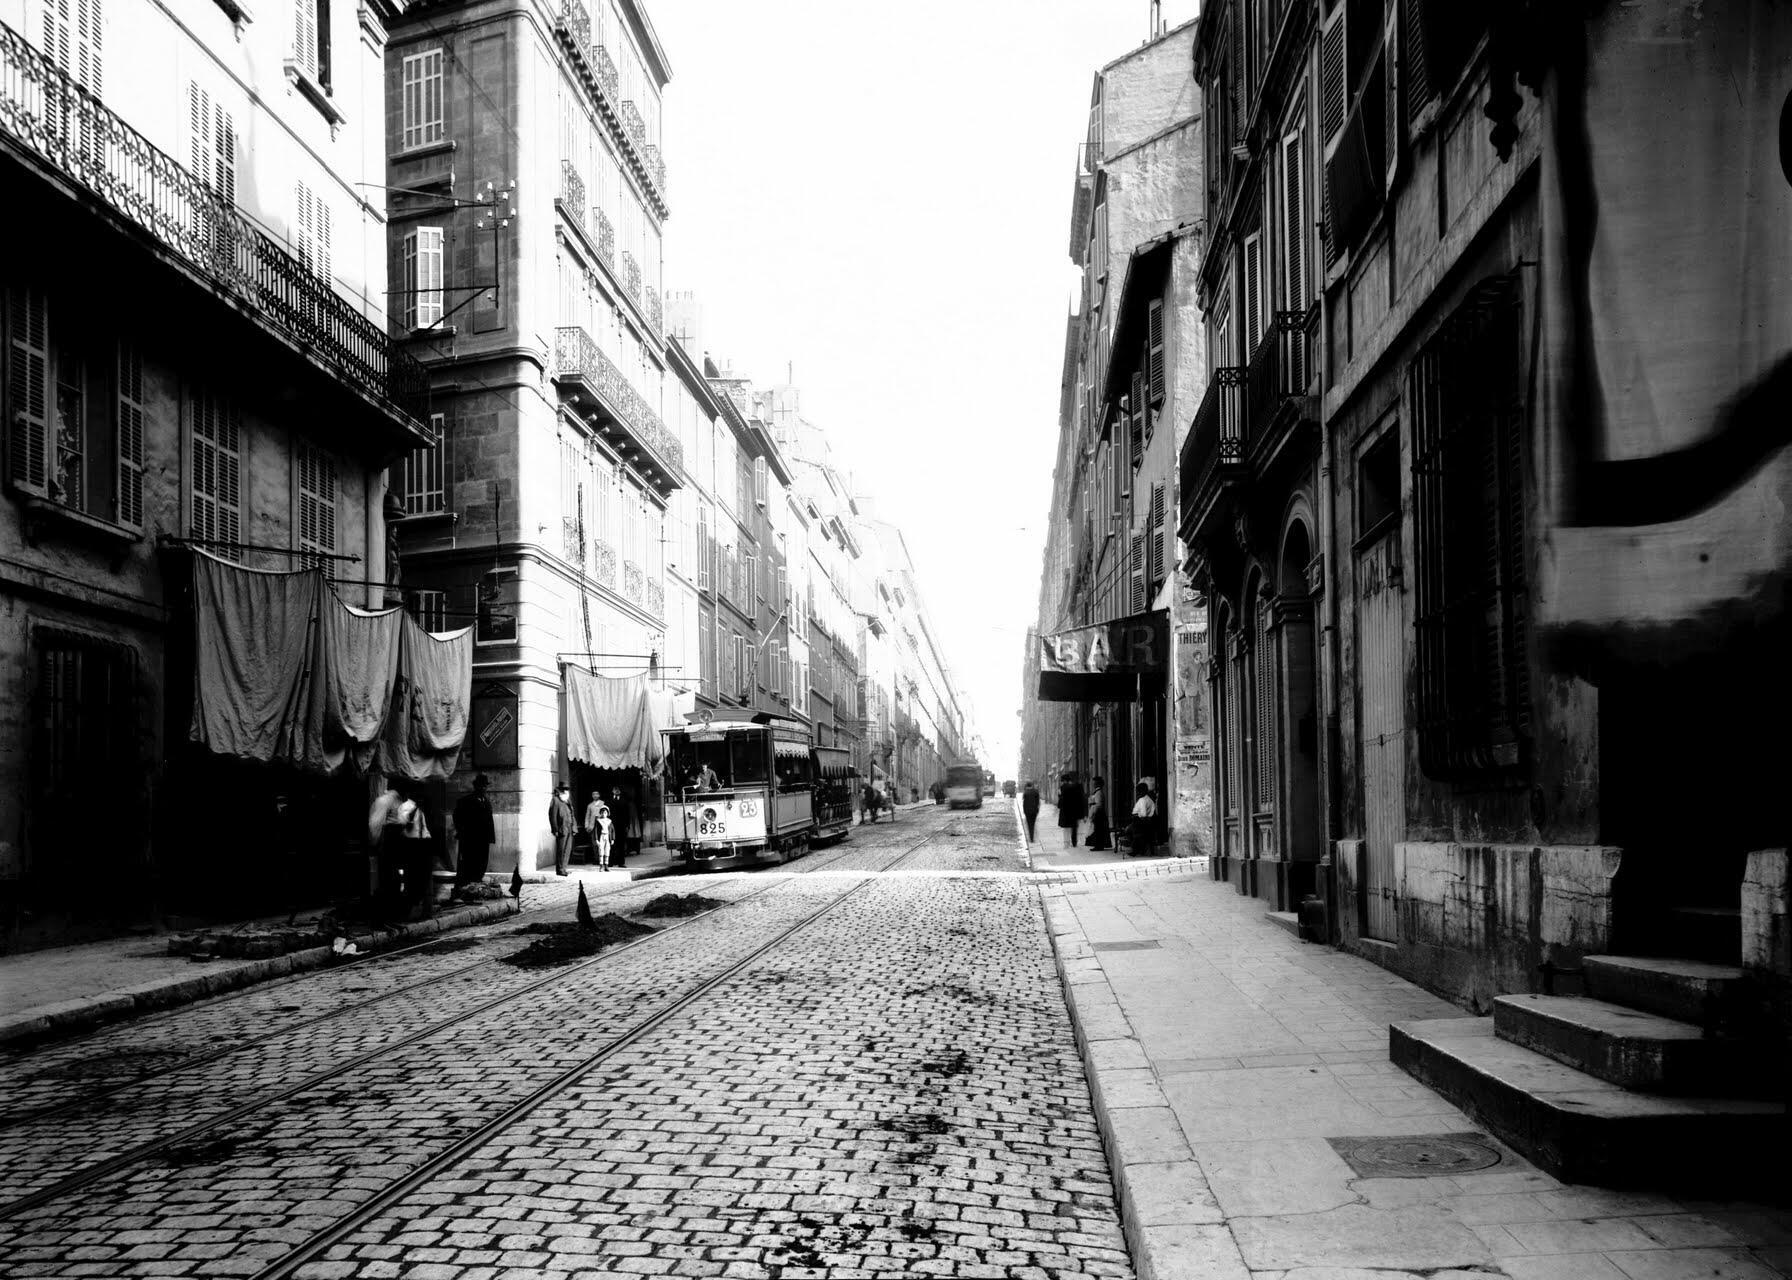 RT @DavidLaMars: La rue Paradis comme vous ne l'avez jamais vue vers 1900 #Marseille dans le rétroviseur du temps http://t.co/bvHaaKu85Y